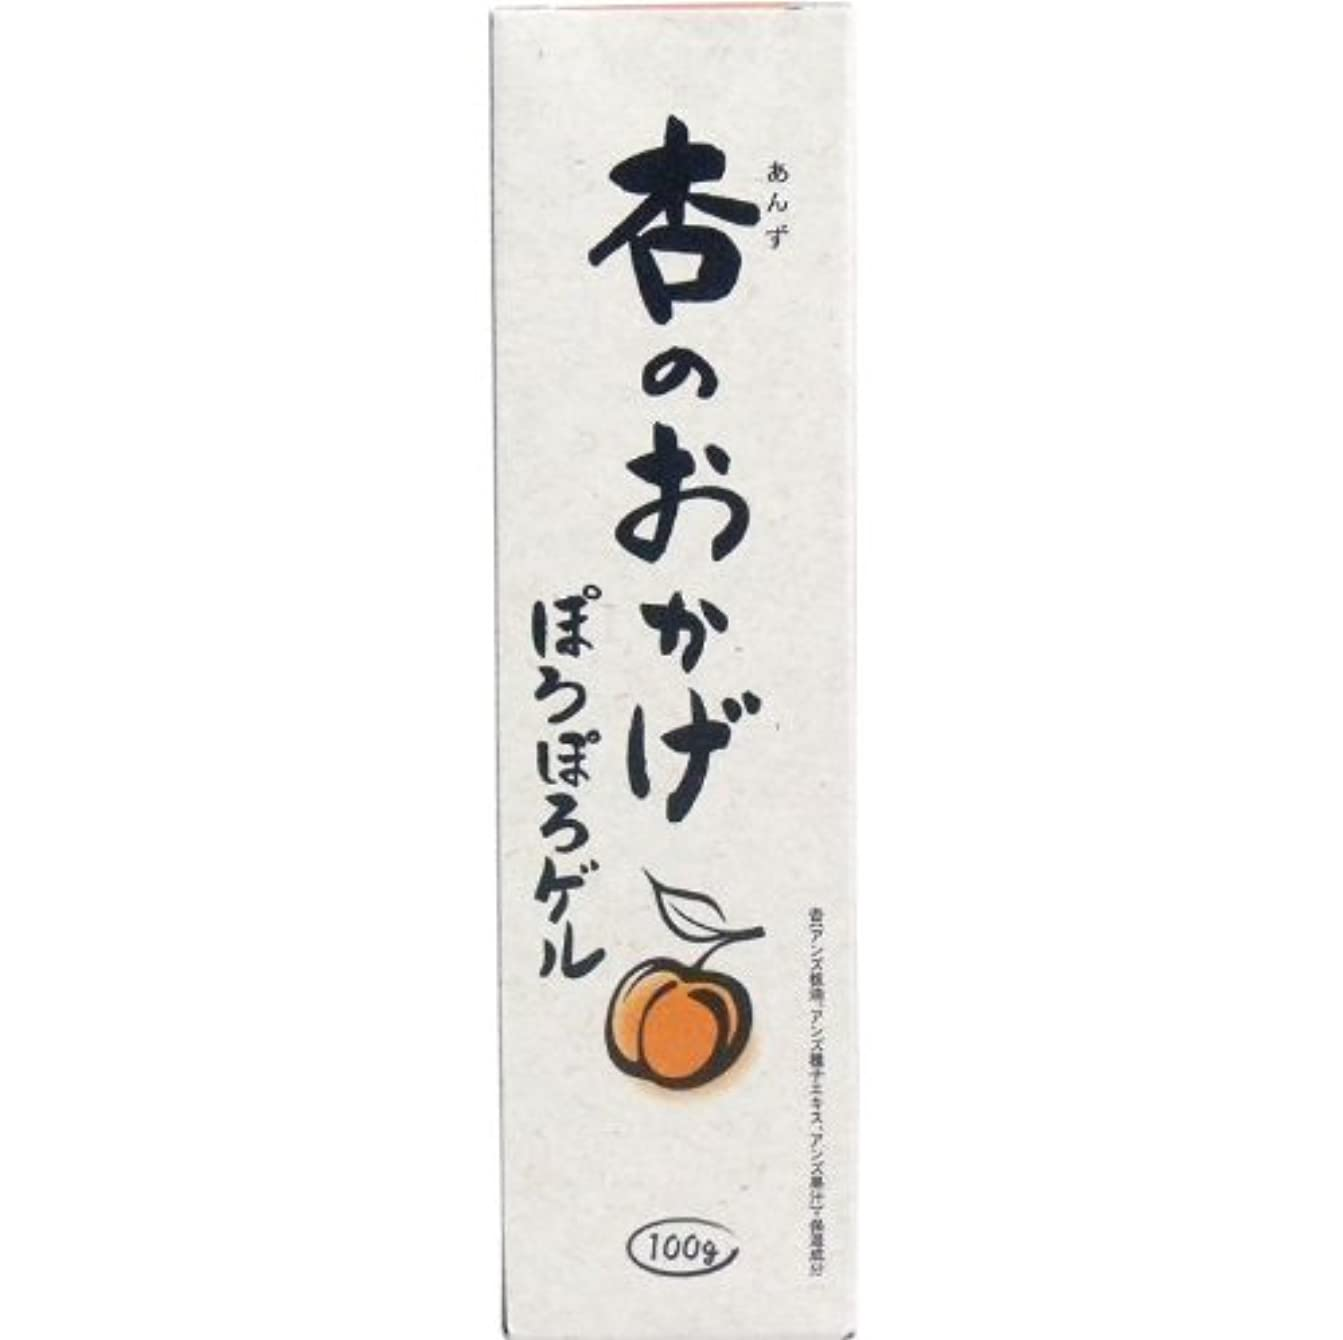 不利益理想的にはキャプション杏のおかげ ぽろぽろゲル 100g【2個セット】